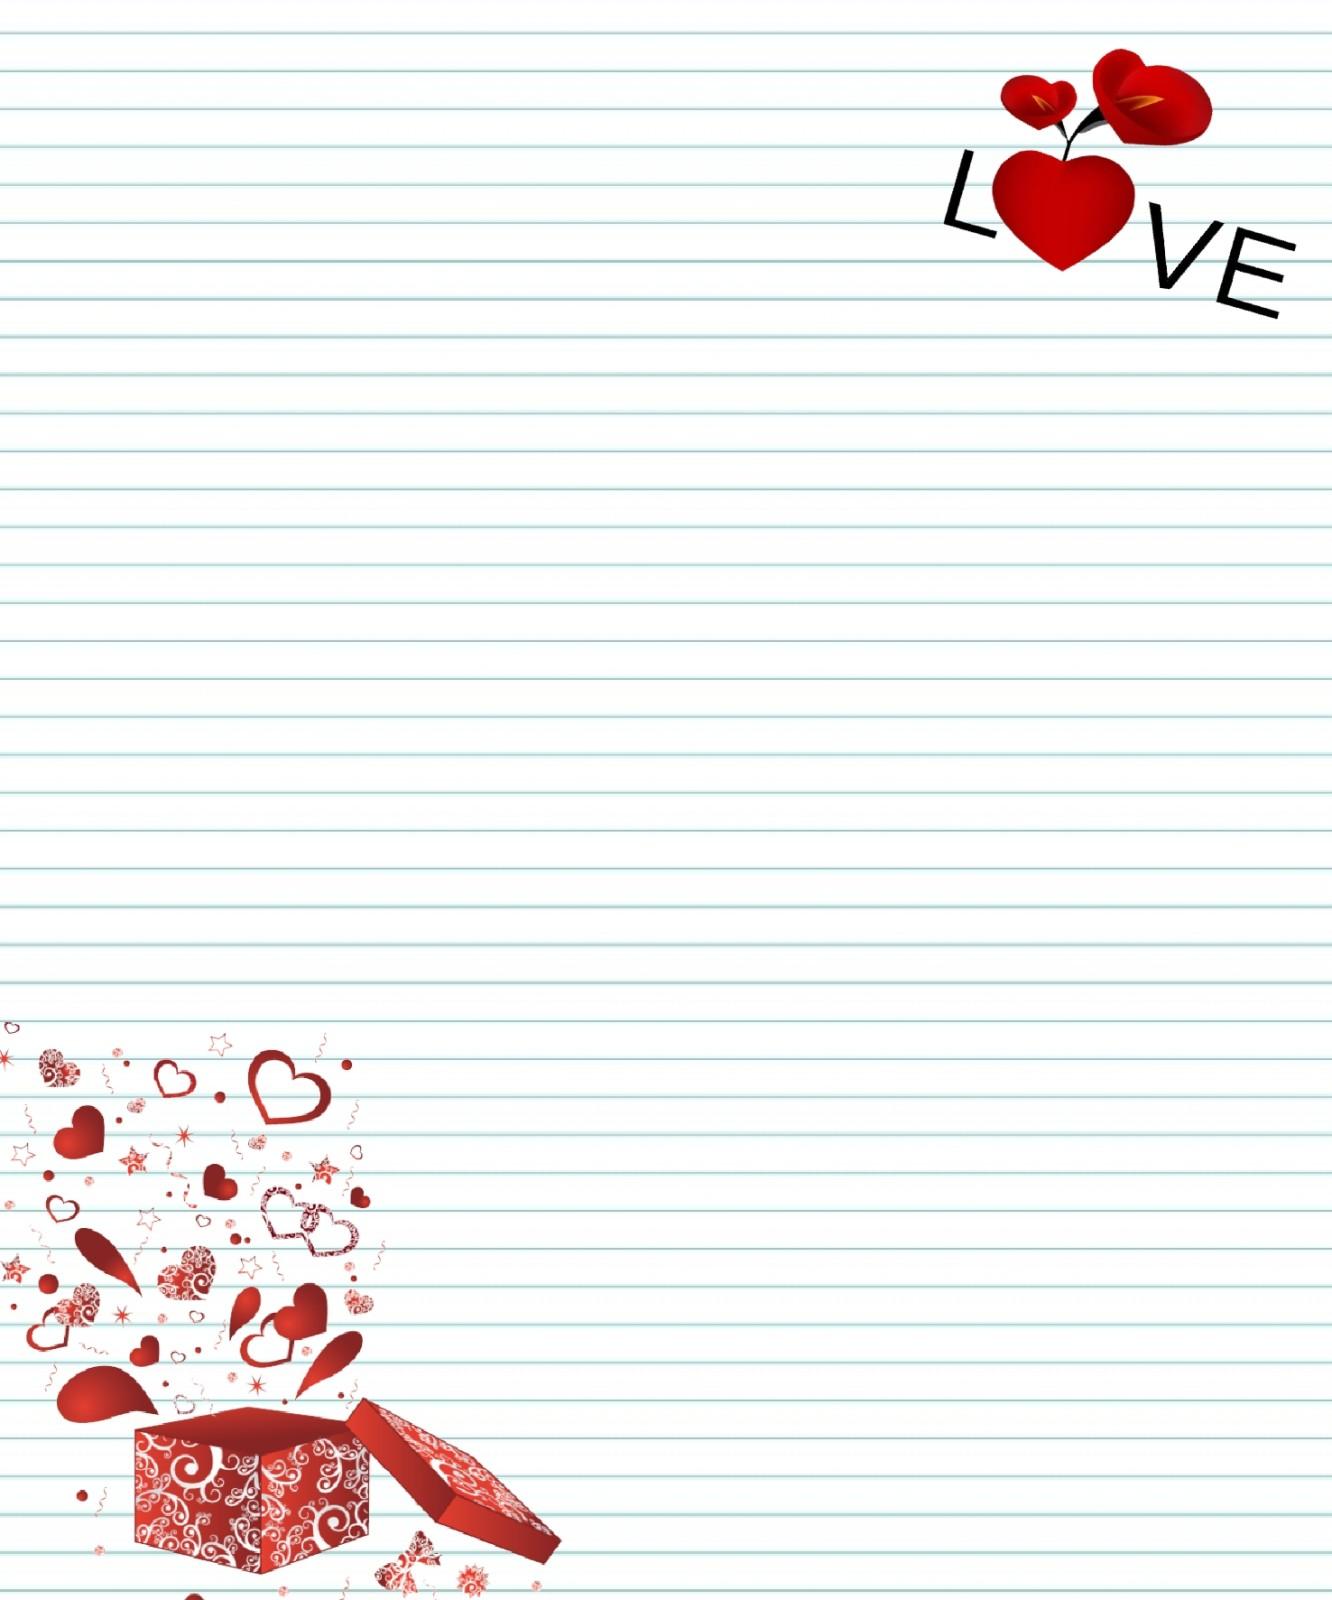 Papier lettre d 39 amour - Lettre saint valentin pour son cheri ...